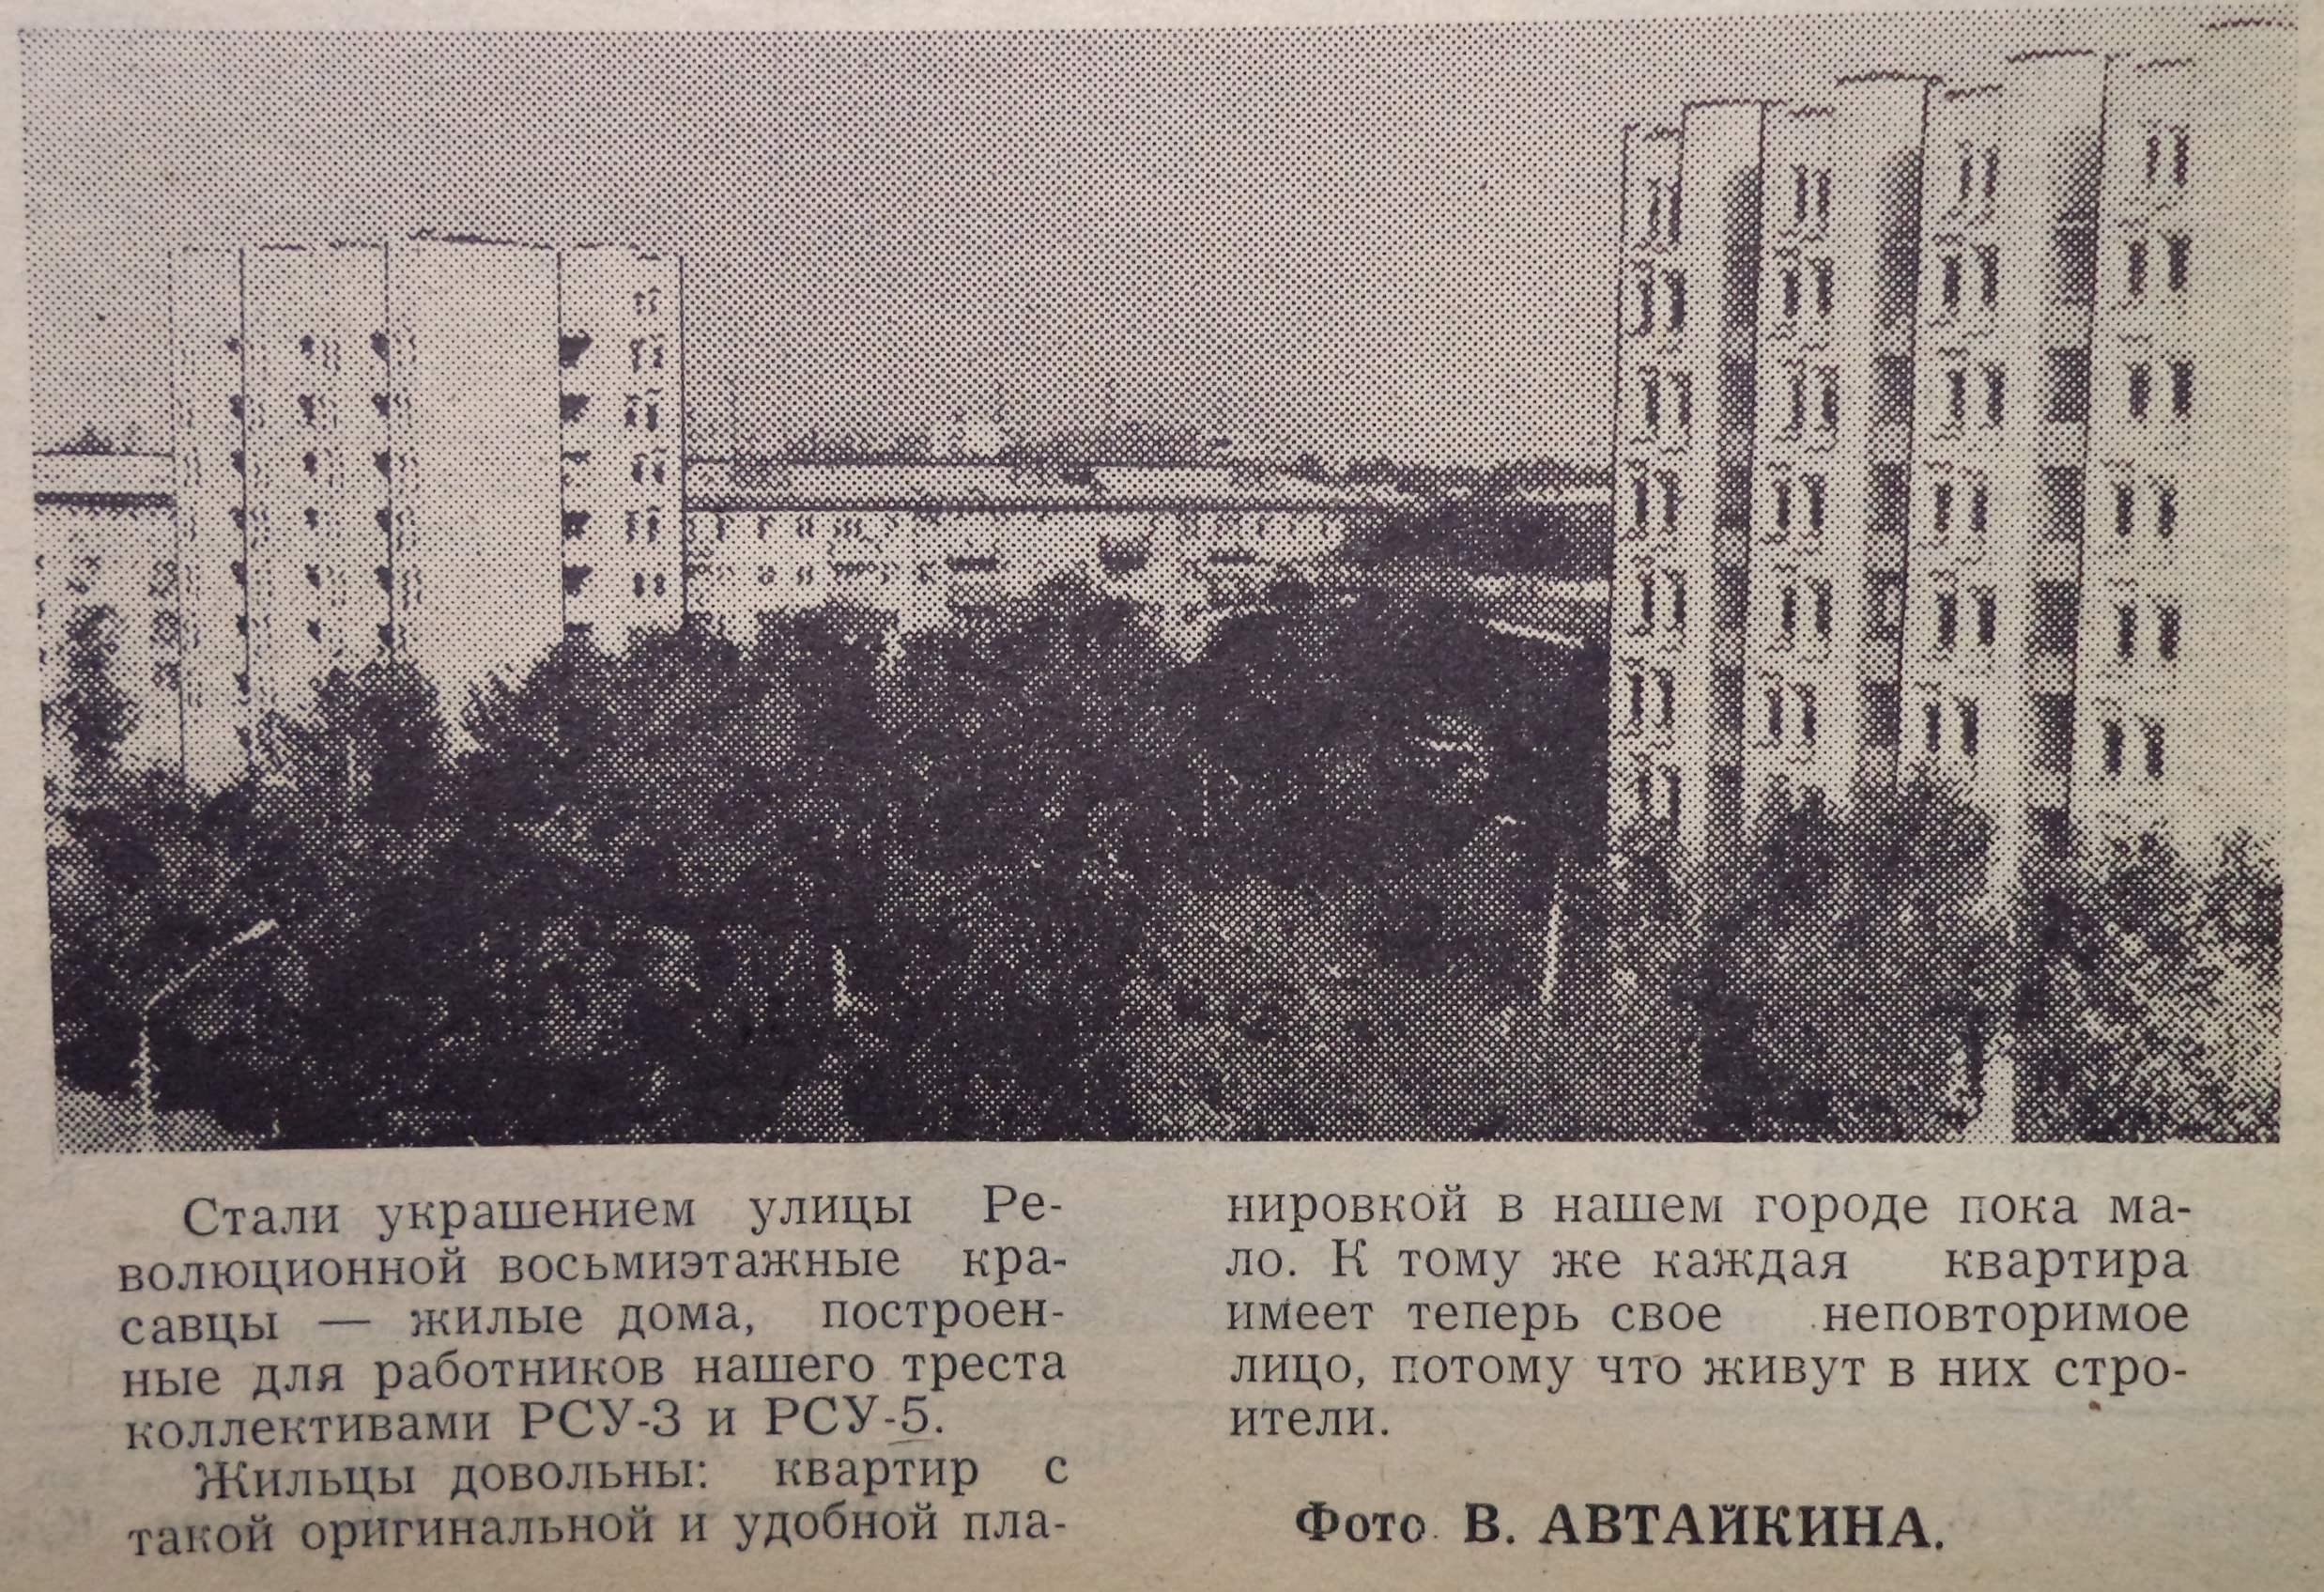 Революционная-ФОТО-93-Голос Строителя-1988-30 мая